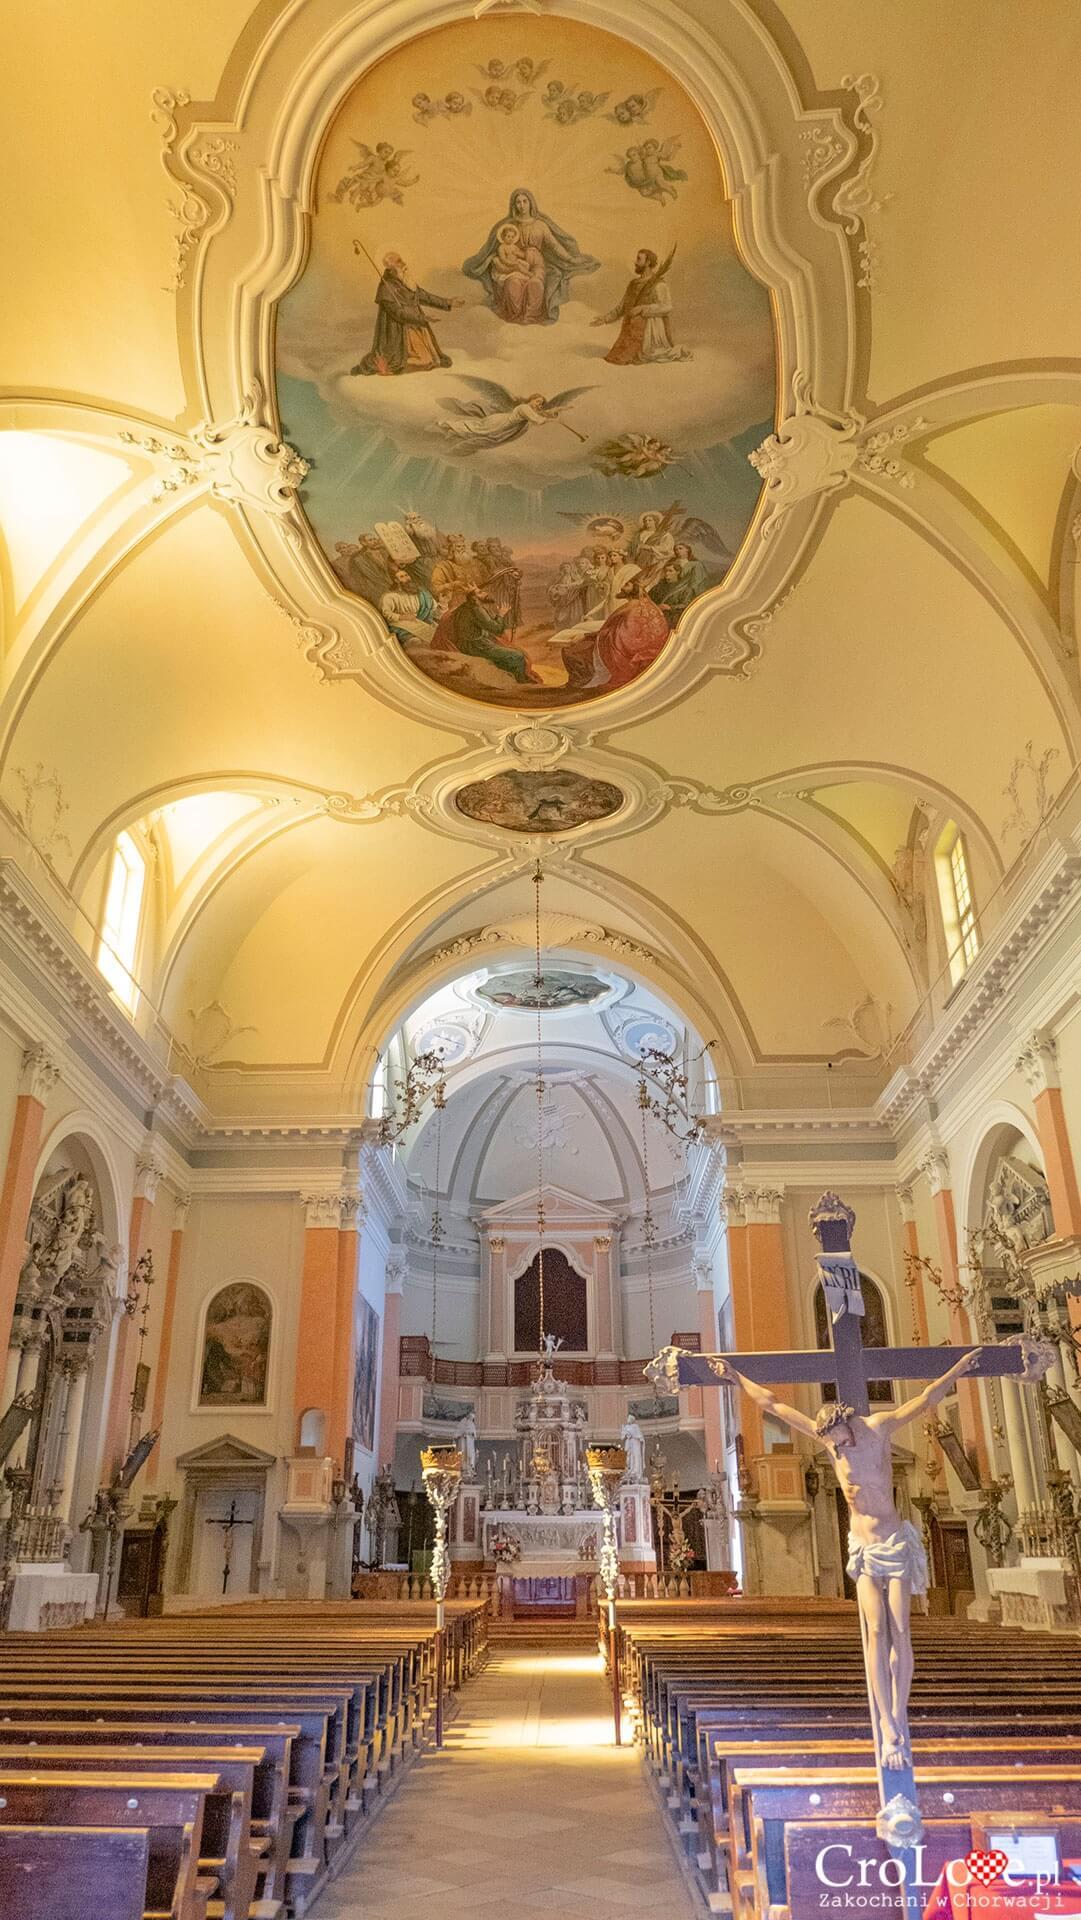 Kościół Zwiastowania Najświętszej Maryi Panny w Veli Lošinj